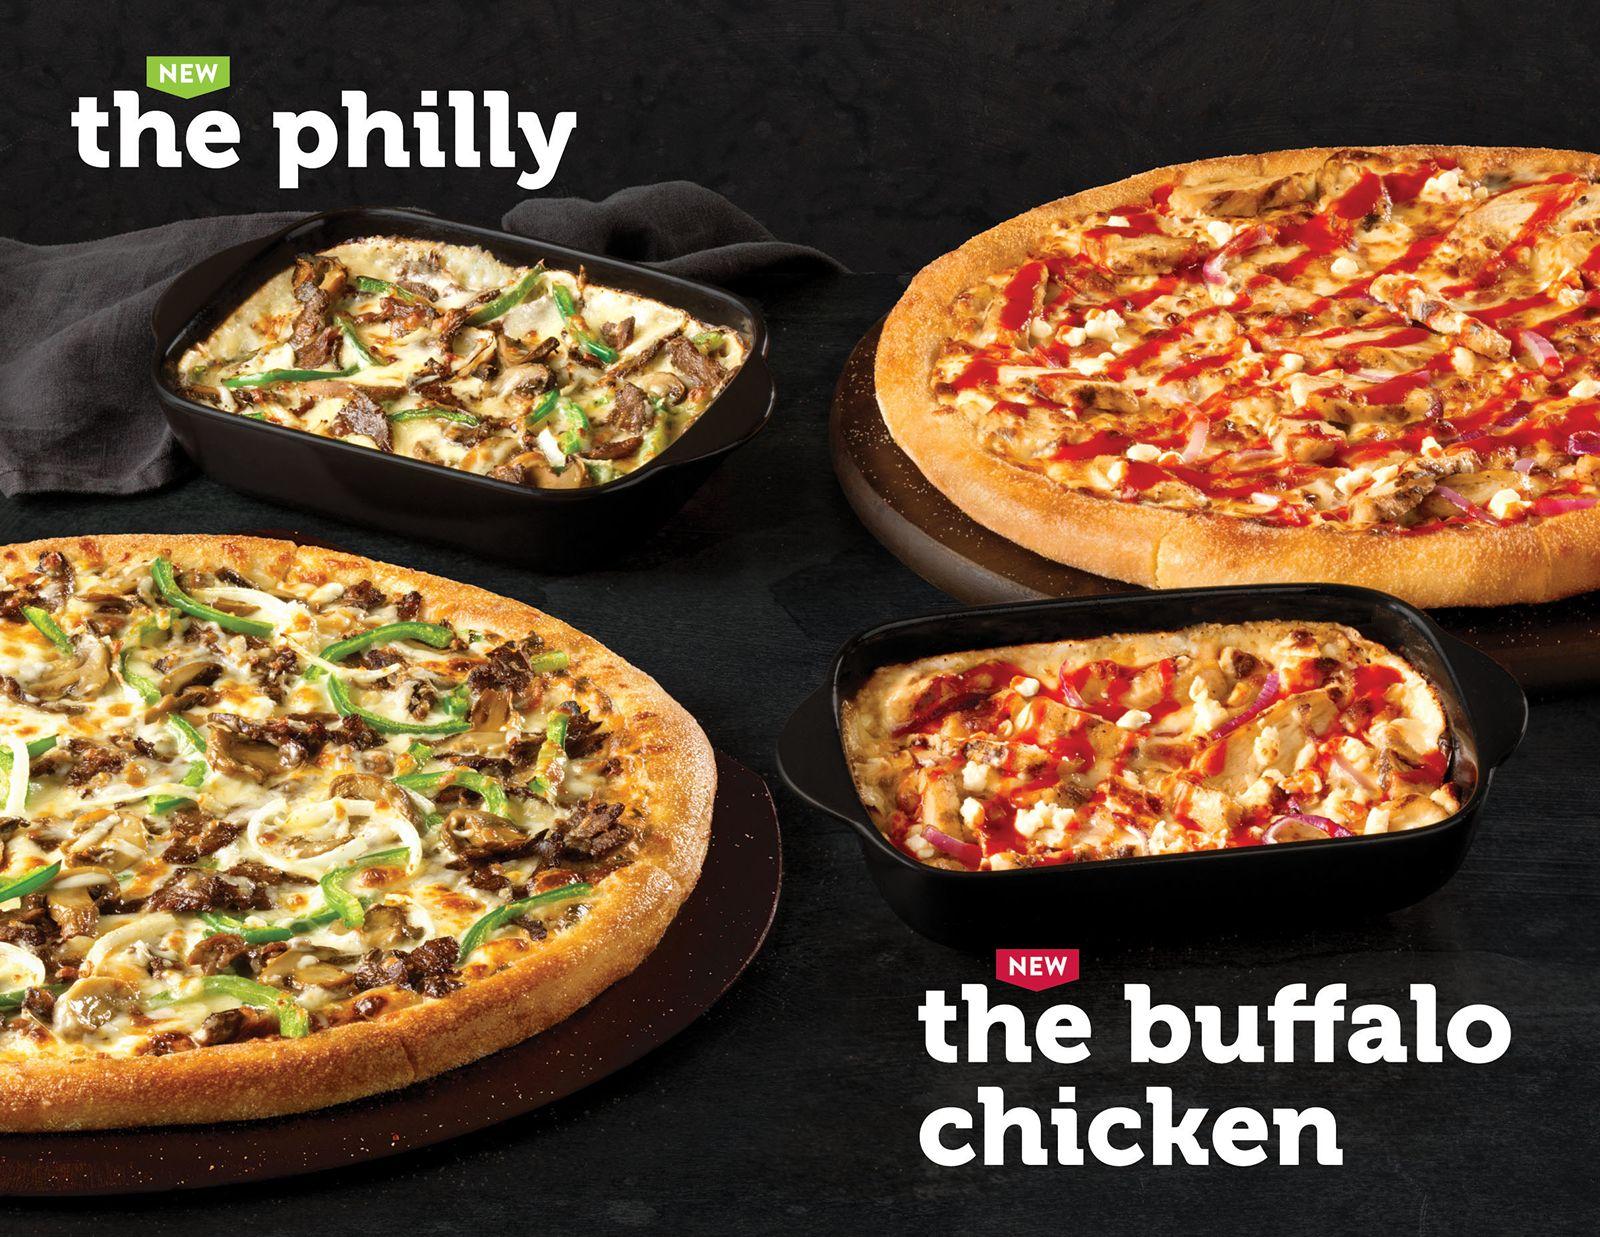 Marco's Pizza lance de nouvelles pizzas et bols à pizza alléchants : The Philly et The Buffalo Chicken